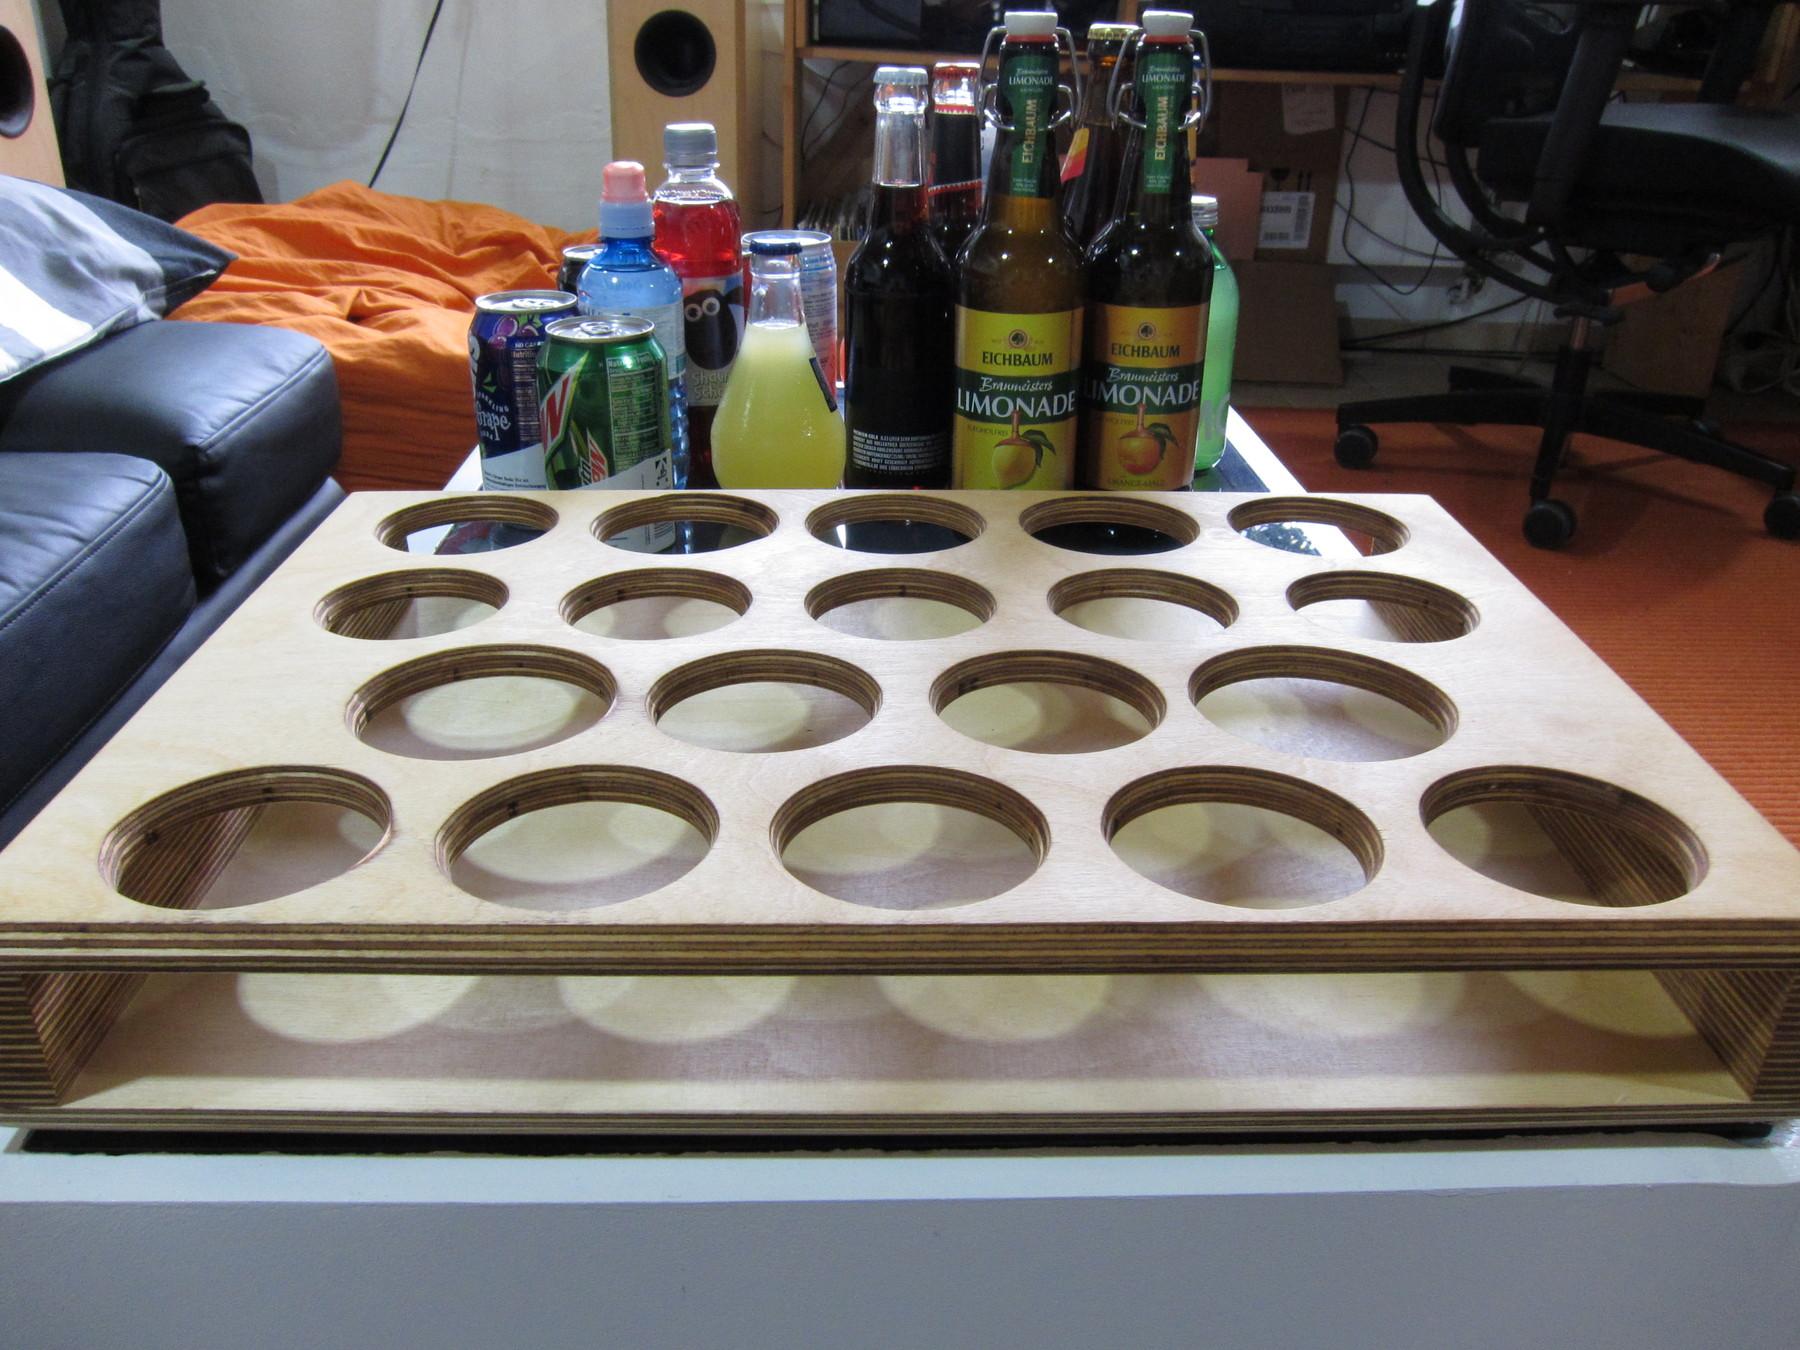 Wooden Drinholder for cult drinks